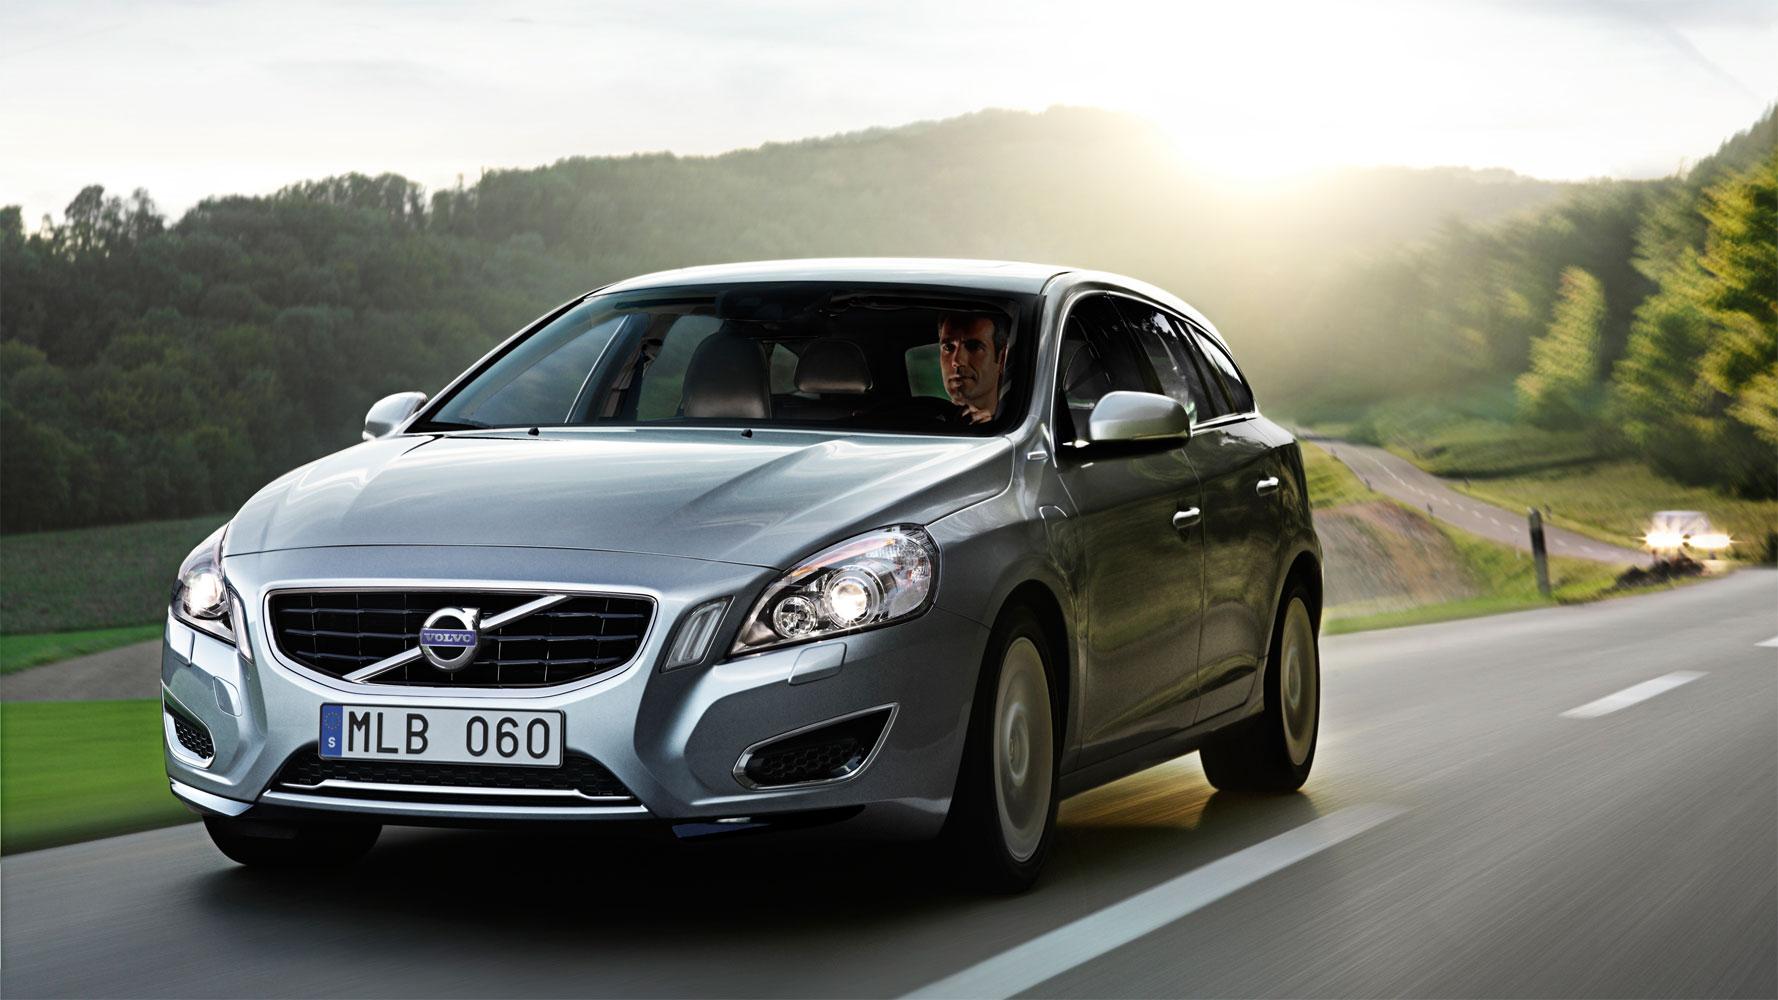 Volvo V60 Hybrid sicherstes Auto mit E-Antrieb